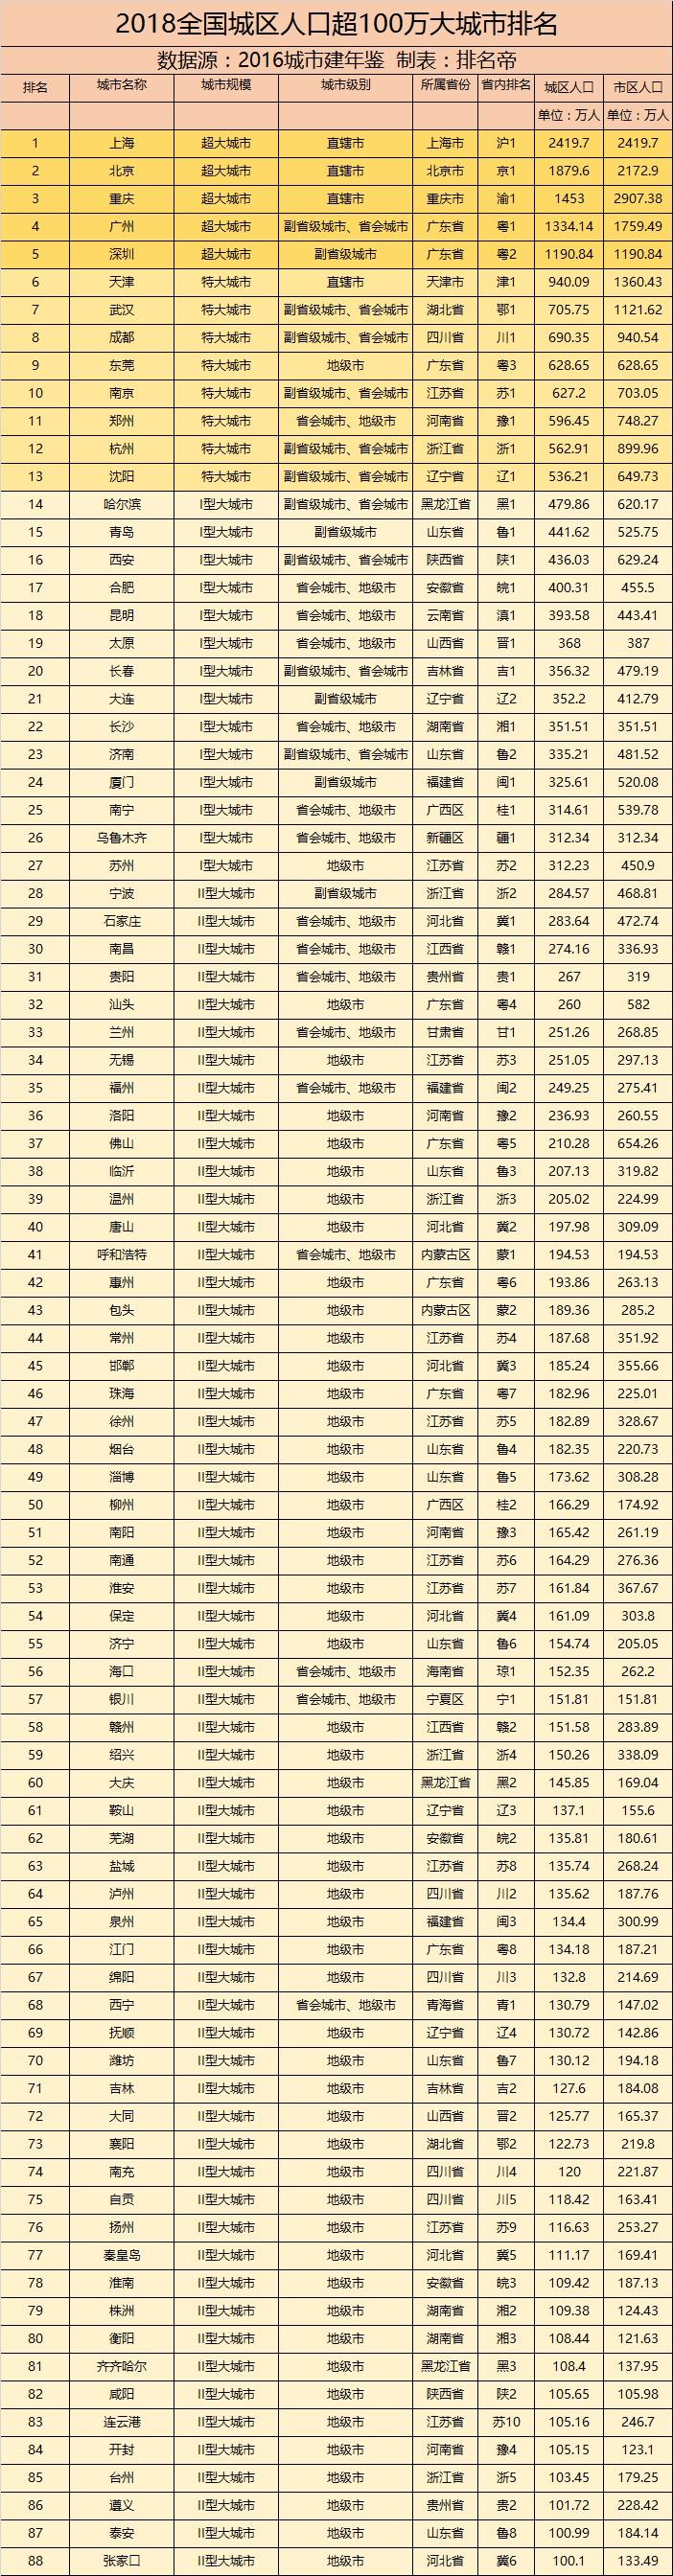 2018全国城区人口超100万城市排名,京沪渝广深五城超1000万